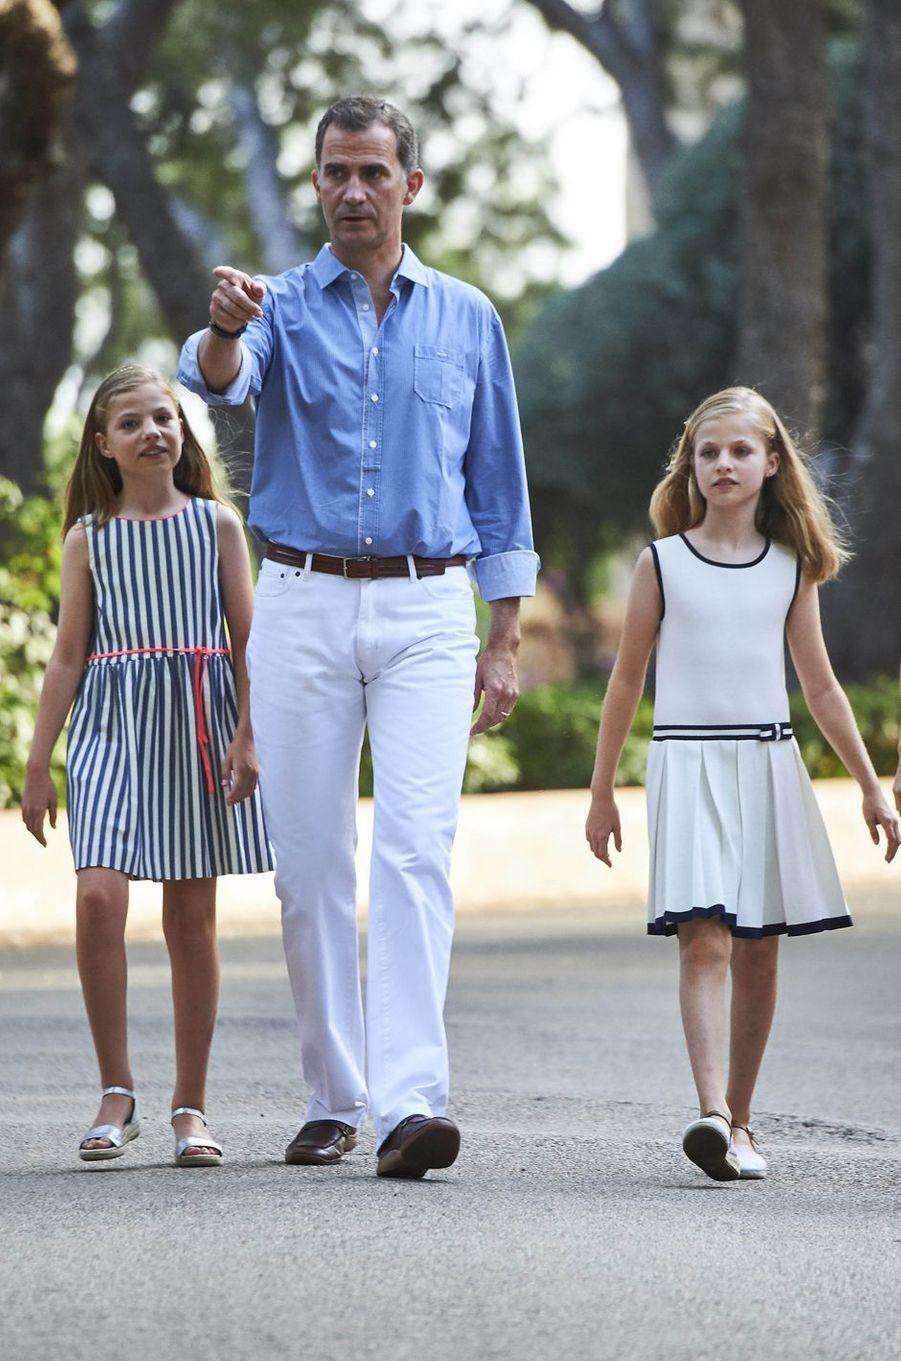 Le roi Felipe VI d'Espagne avec ses filles à Palma de Majorque, le 4 août 2016